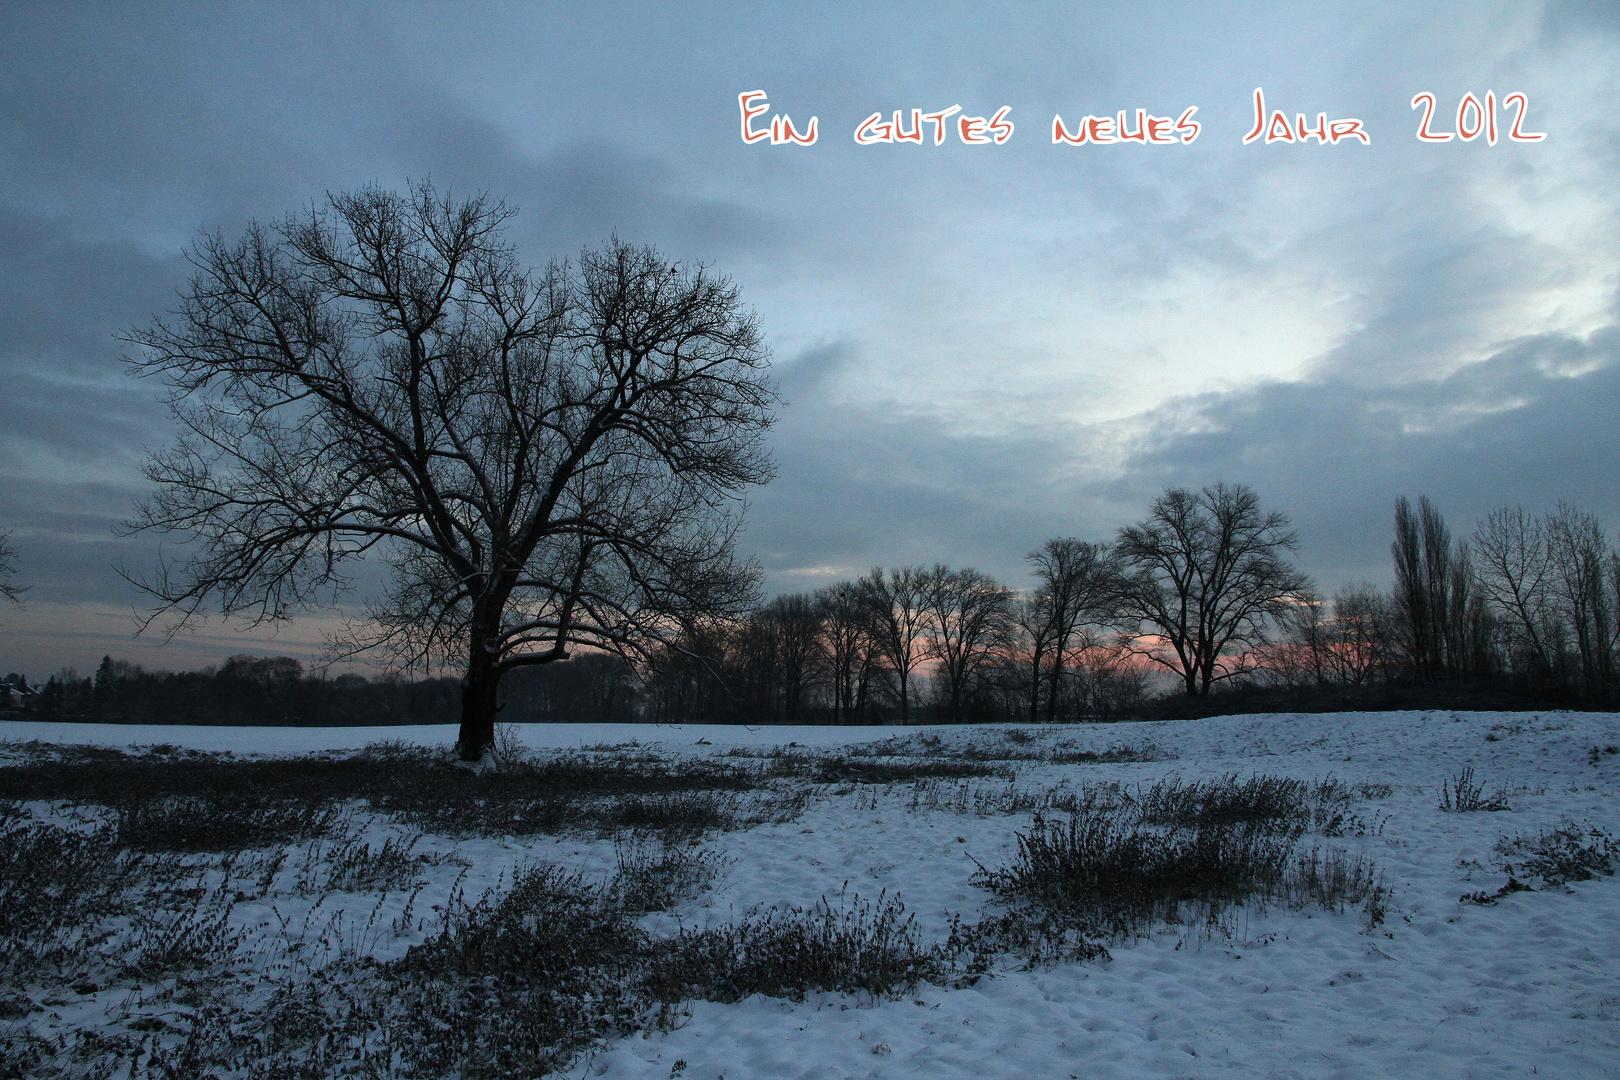 Ein gutes neues Jahr 2012 ...